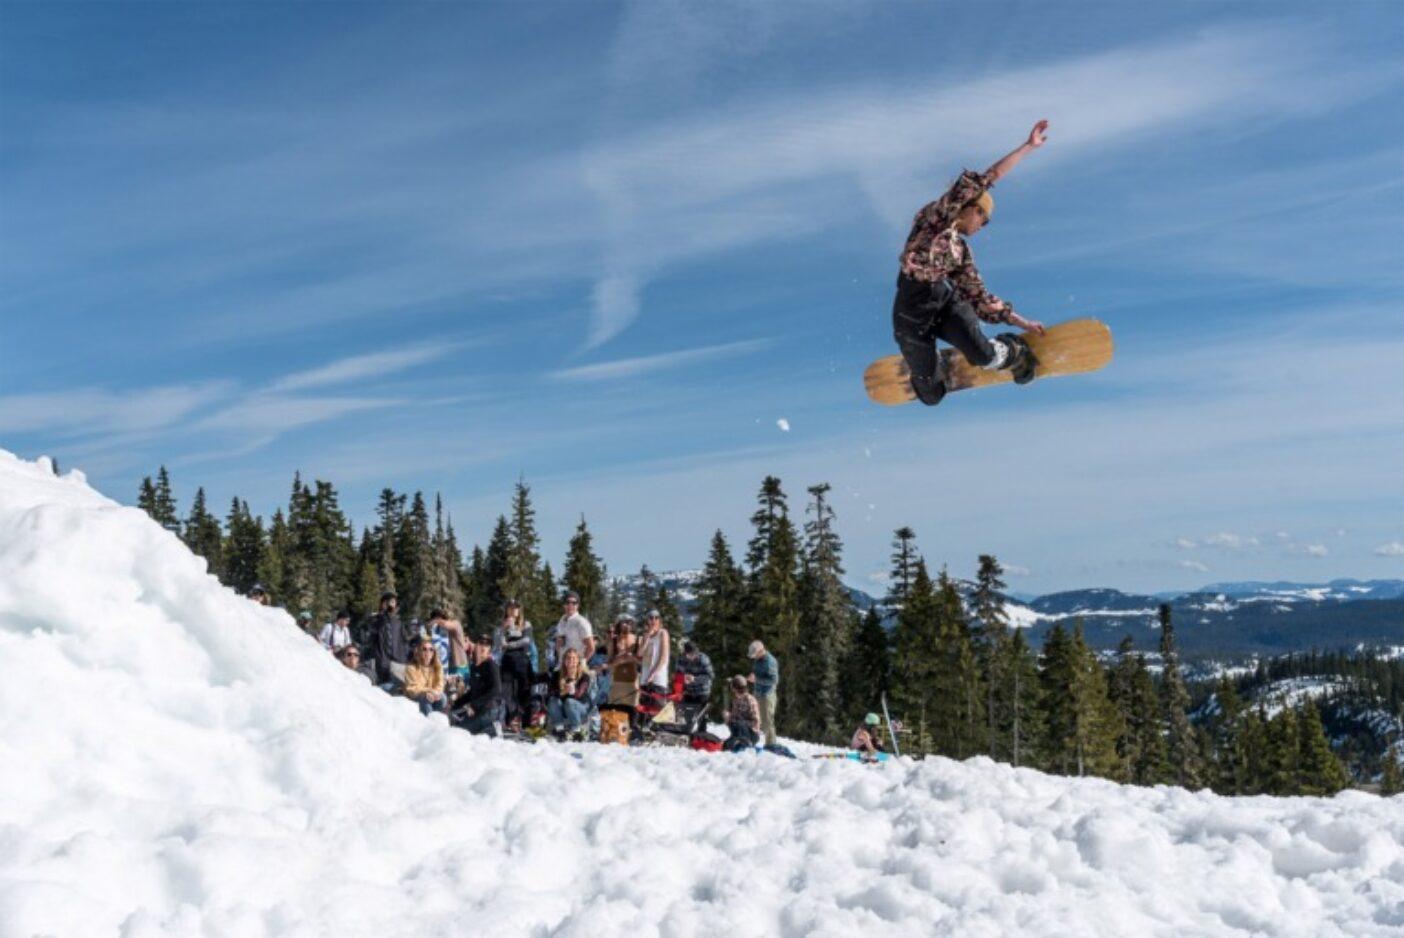 このボスはなかなかのやり手である。2019年のWestcoast Triple Plankの終盤、各地で3日間のイベントを指揮した疲れにもかかわらず、マリーはその合間に北西に向かって敬礼しながらフィニッシュラインのジャンプを決める。ブリティッシュコロンビア州ワシントン山 Photo: Colin Wiseman